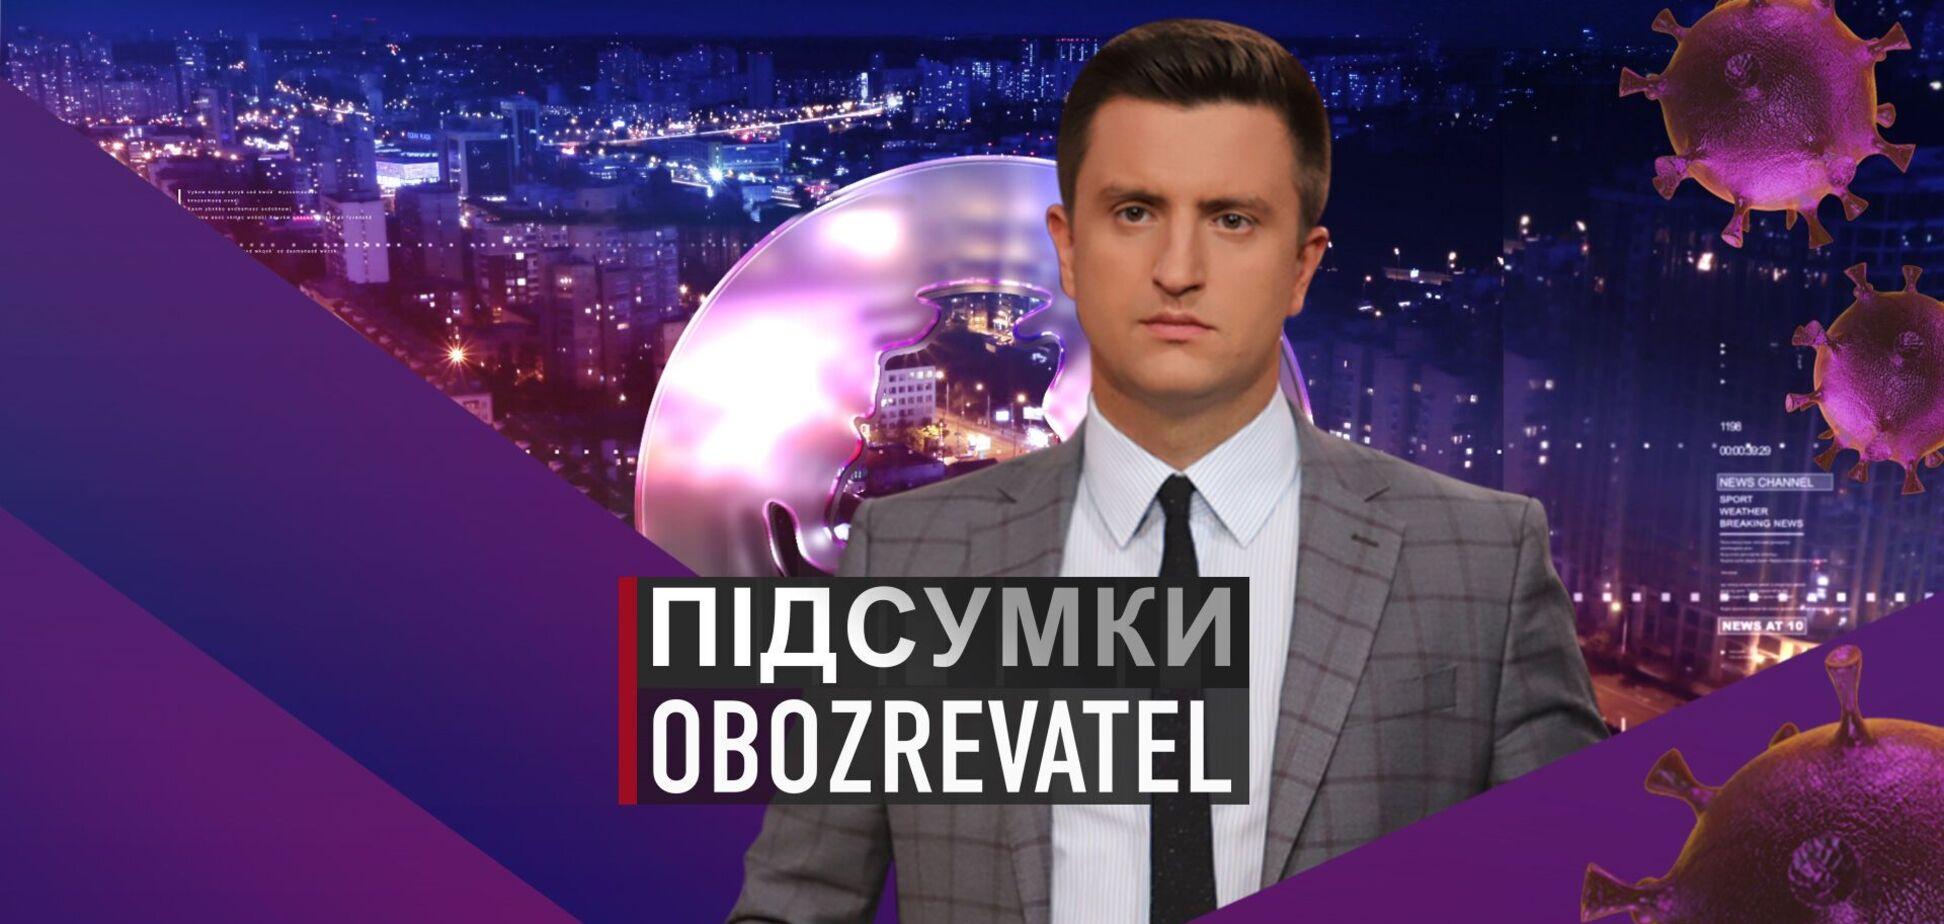 Підсумки з Вадимом Колодійчуком. Понеділок, 7 червня